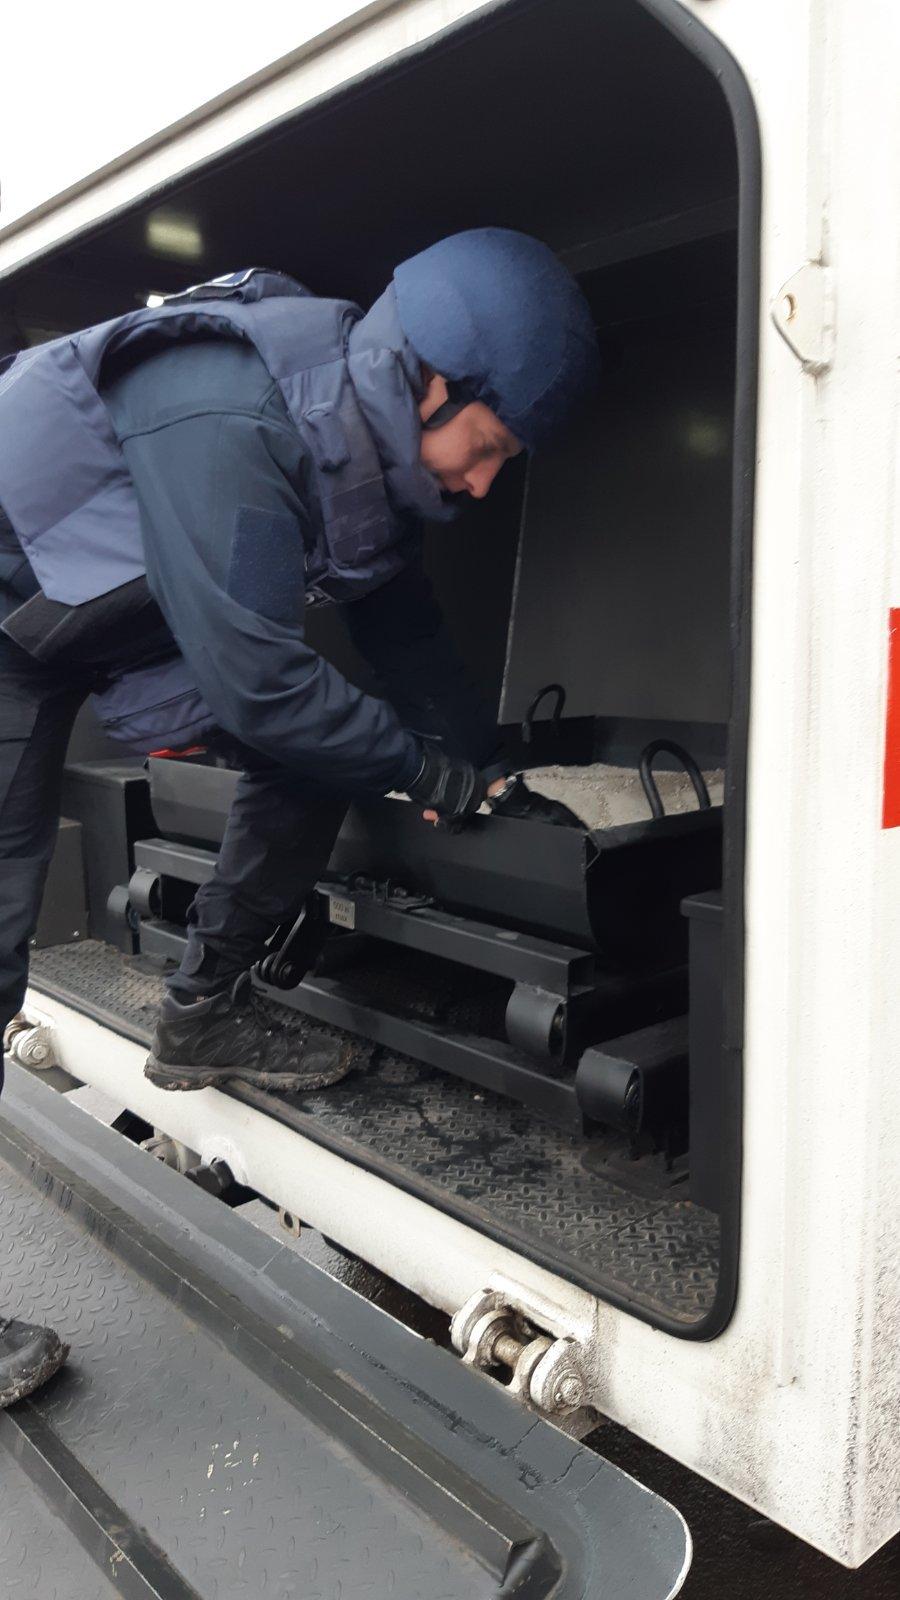 На мариупольском заводе нашли гранату, - ФОТО, фото-2